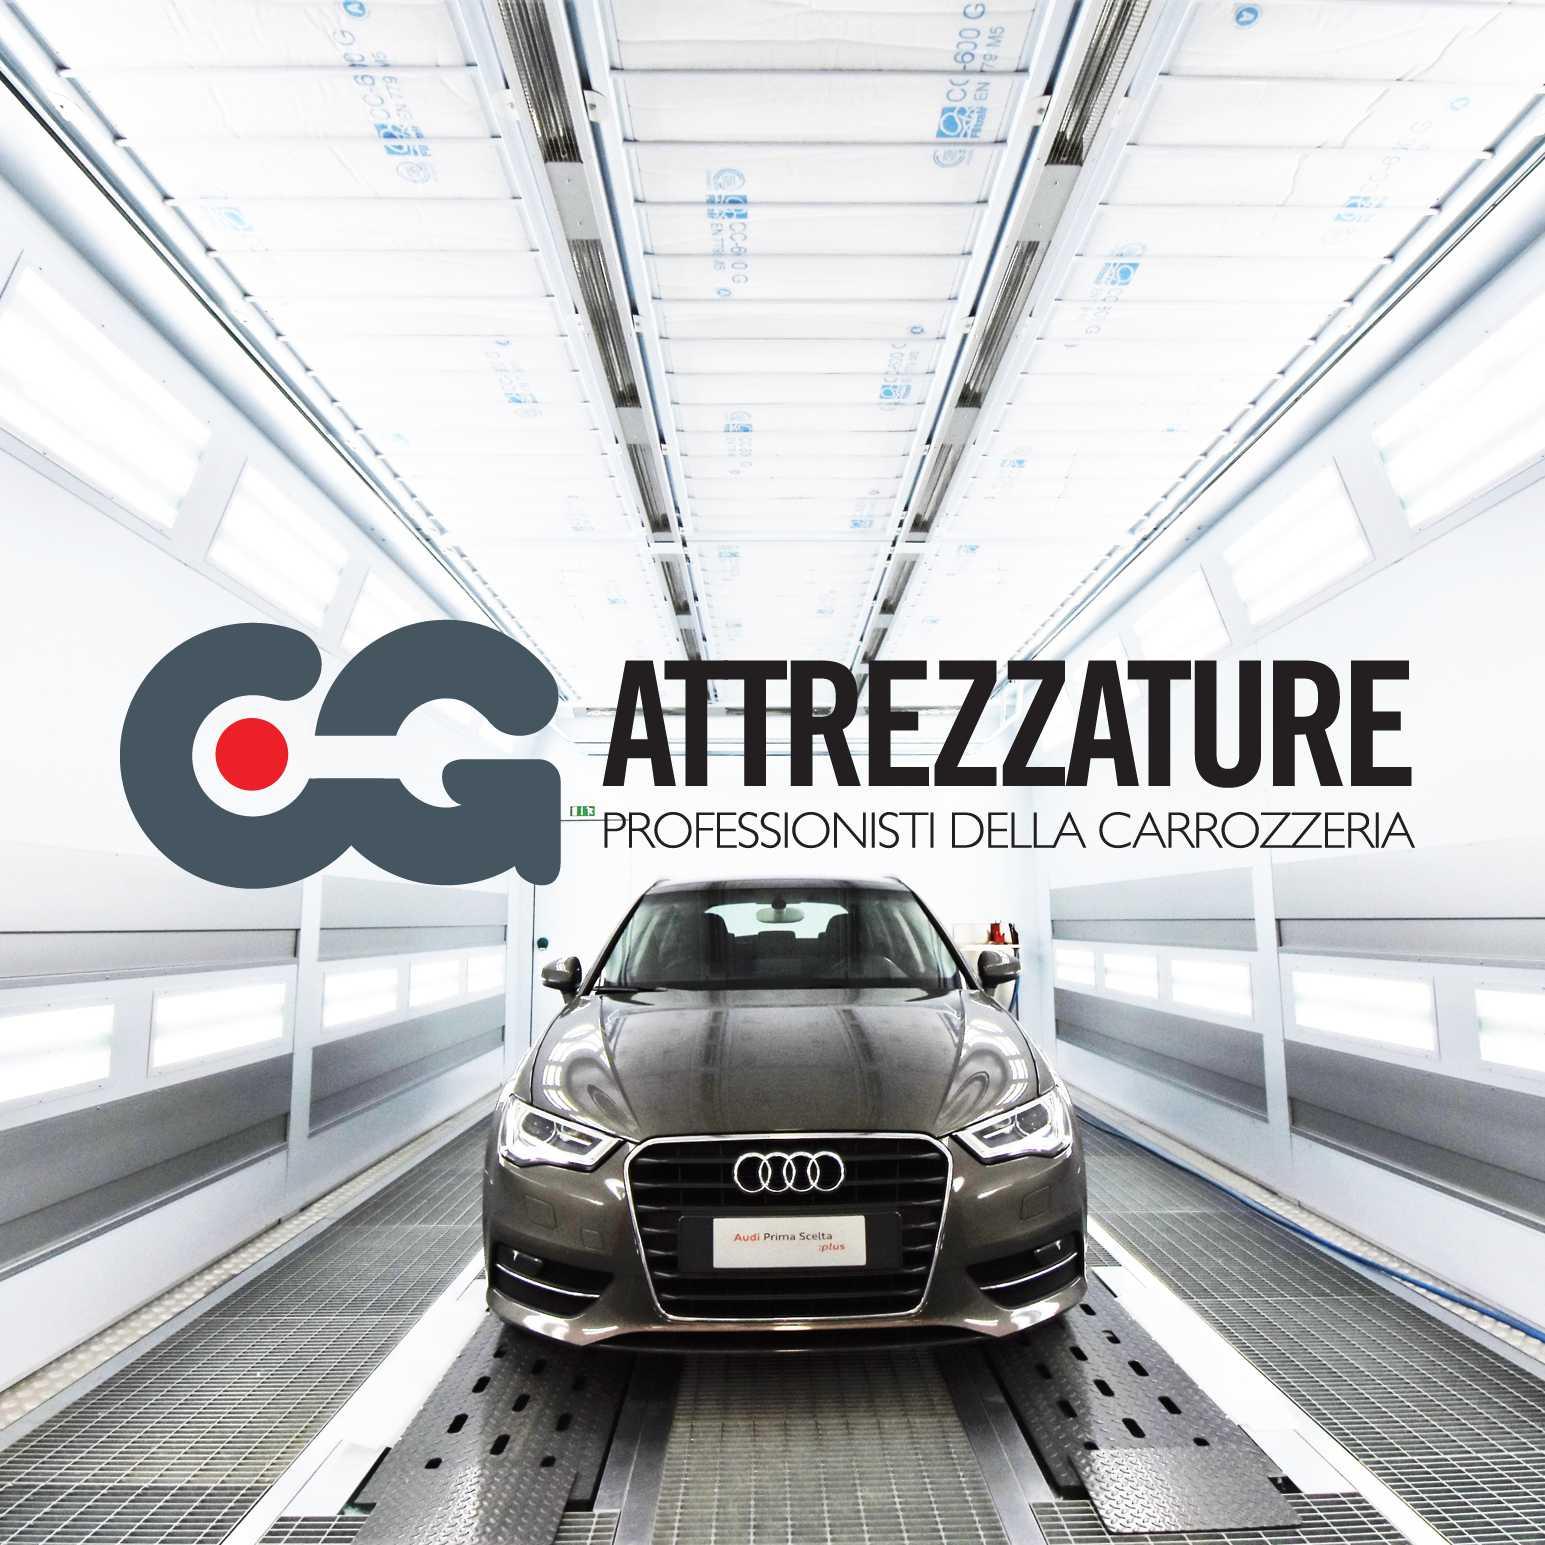 attrezzature-banner